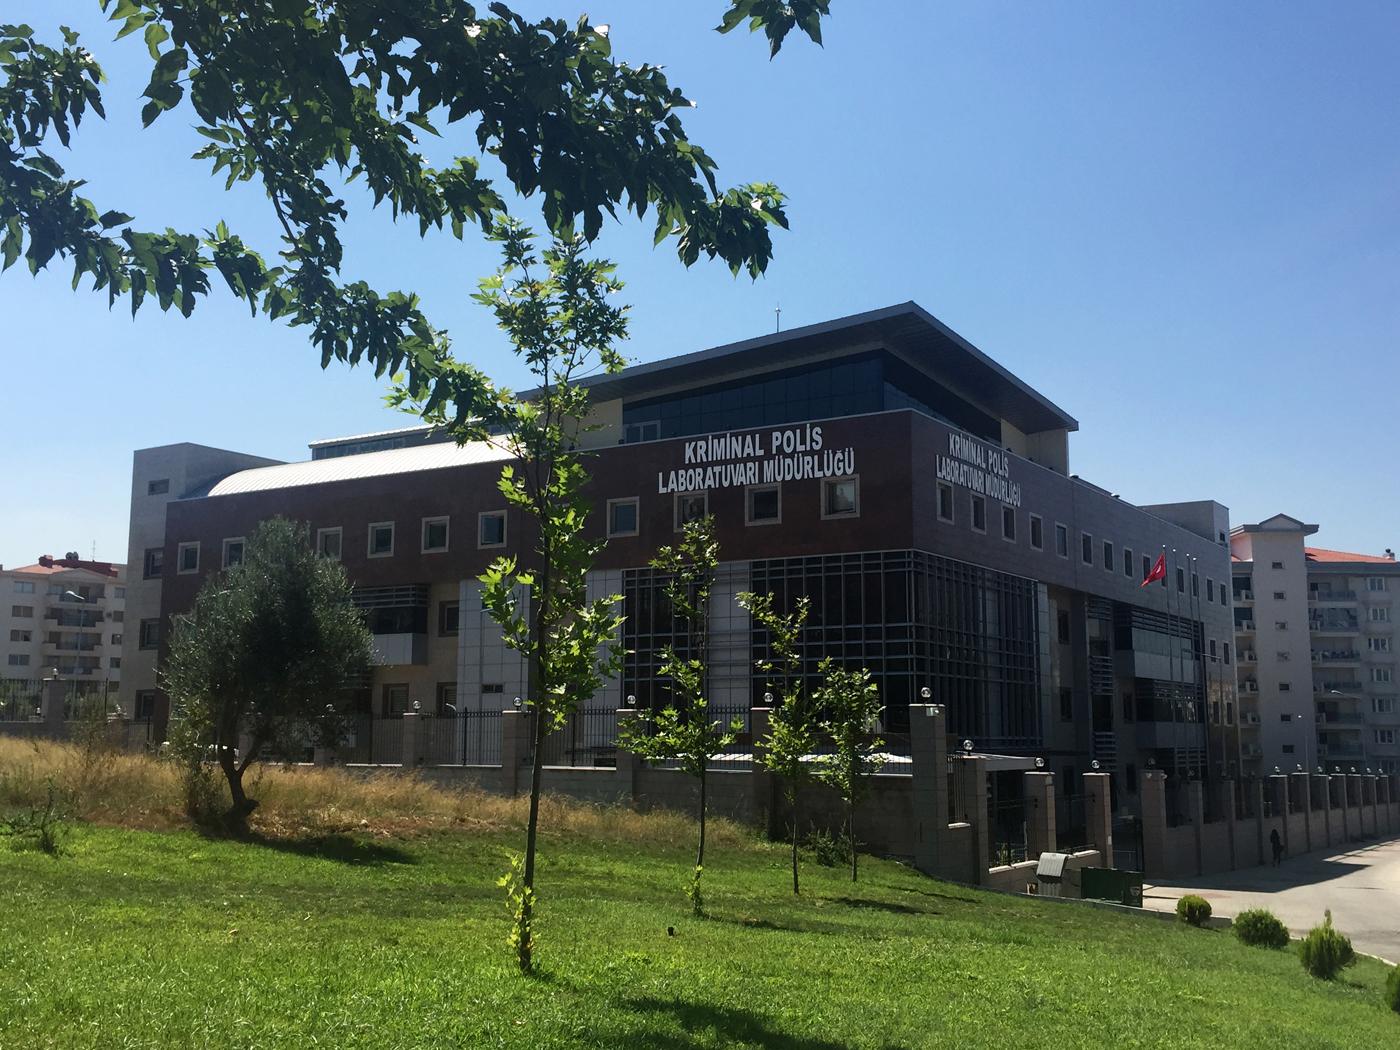 Lot : 2 İzmir Adli Tıp Labaratuvar İnşaatı